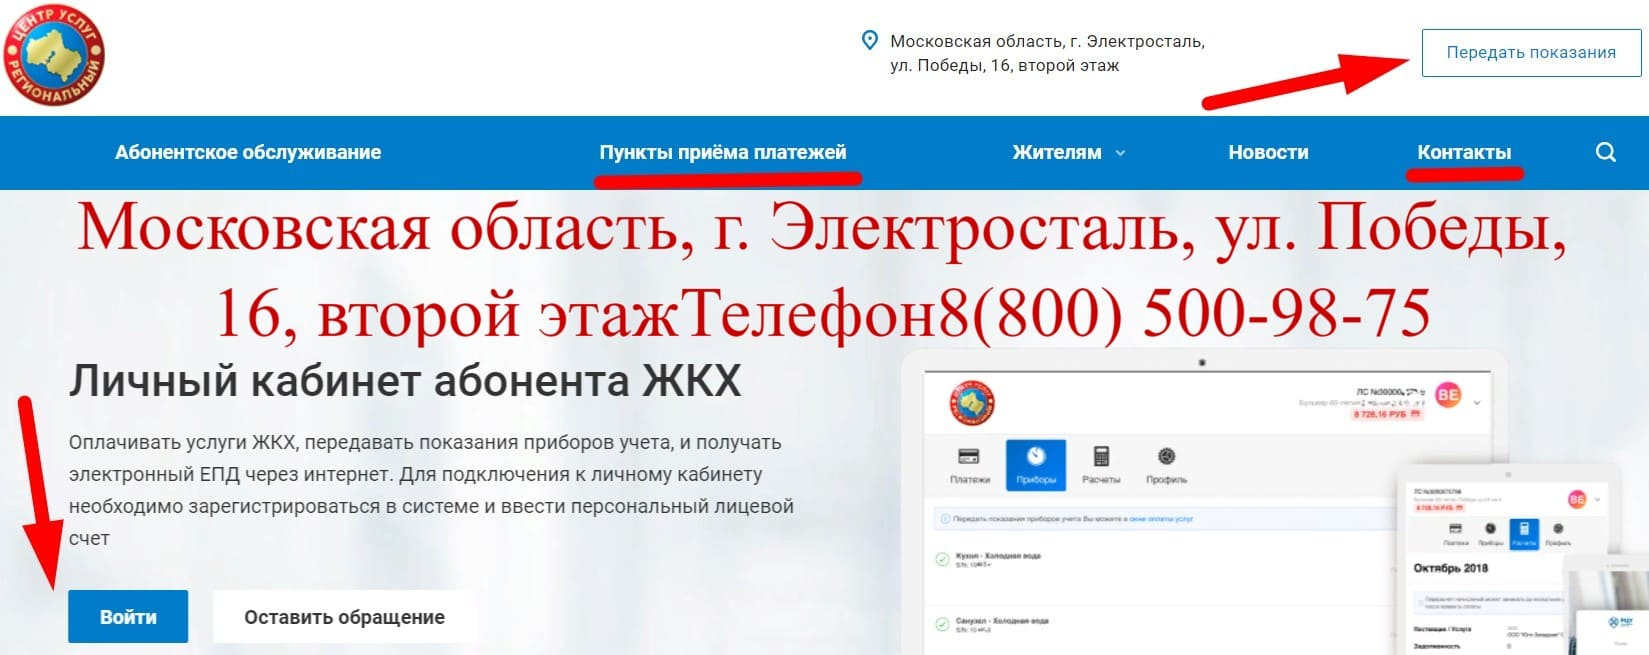 РЦУ Электросталь личный кабинет